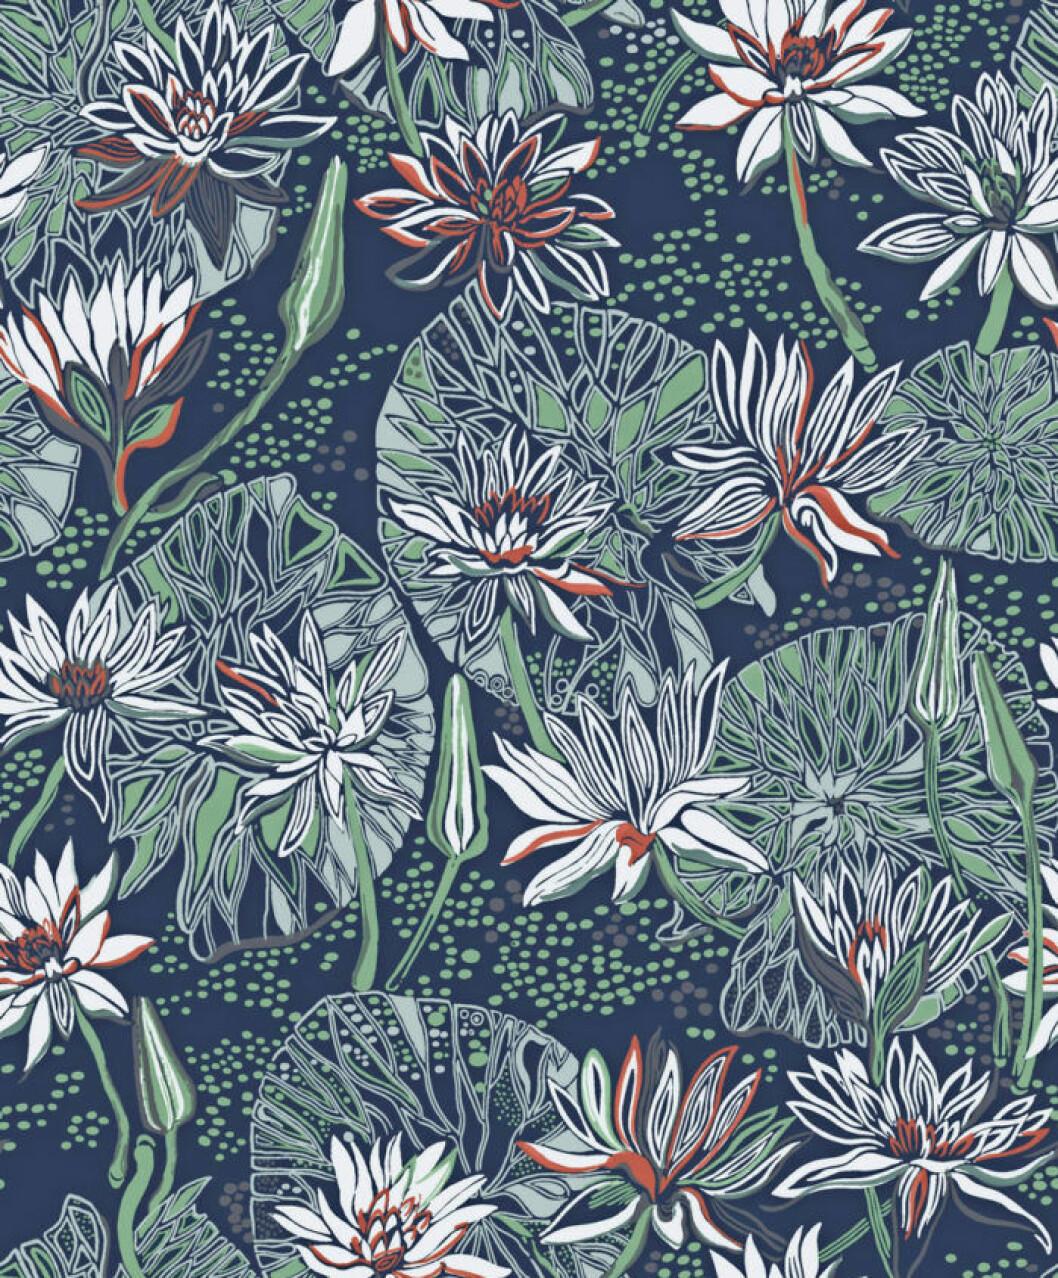 Näckrosmönstrad tapet i blått, vitt, grönt och rött från Arkiv Engblad